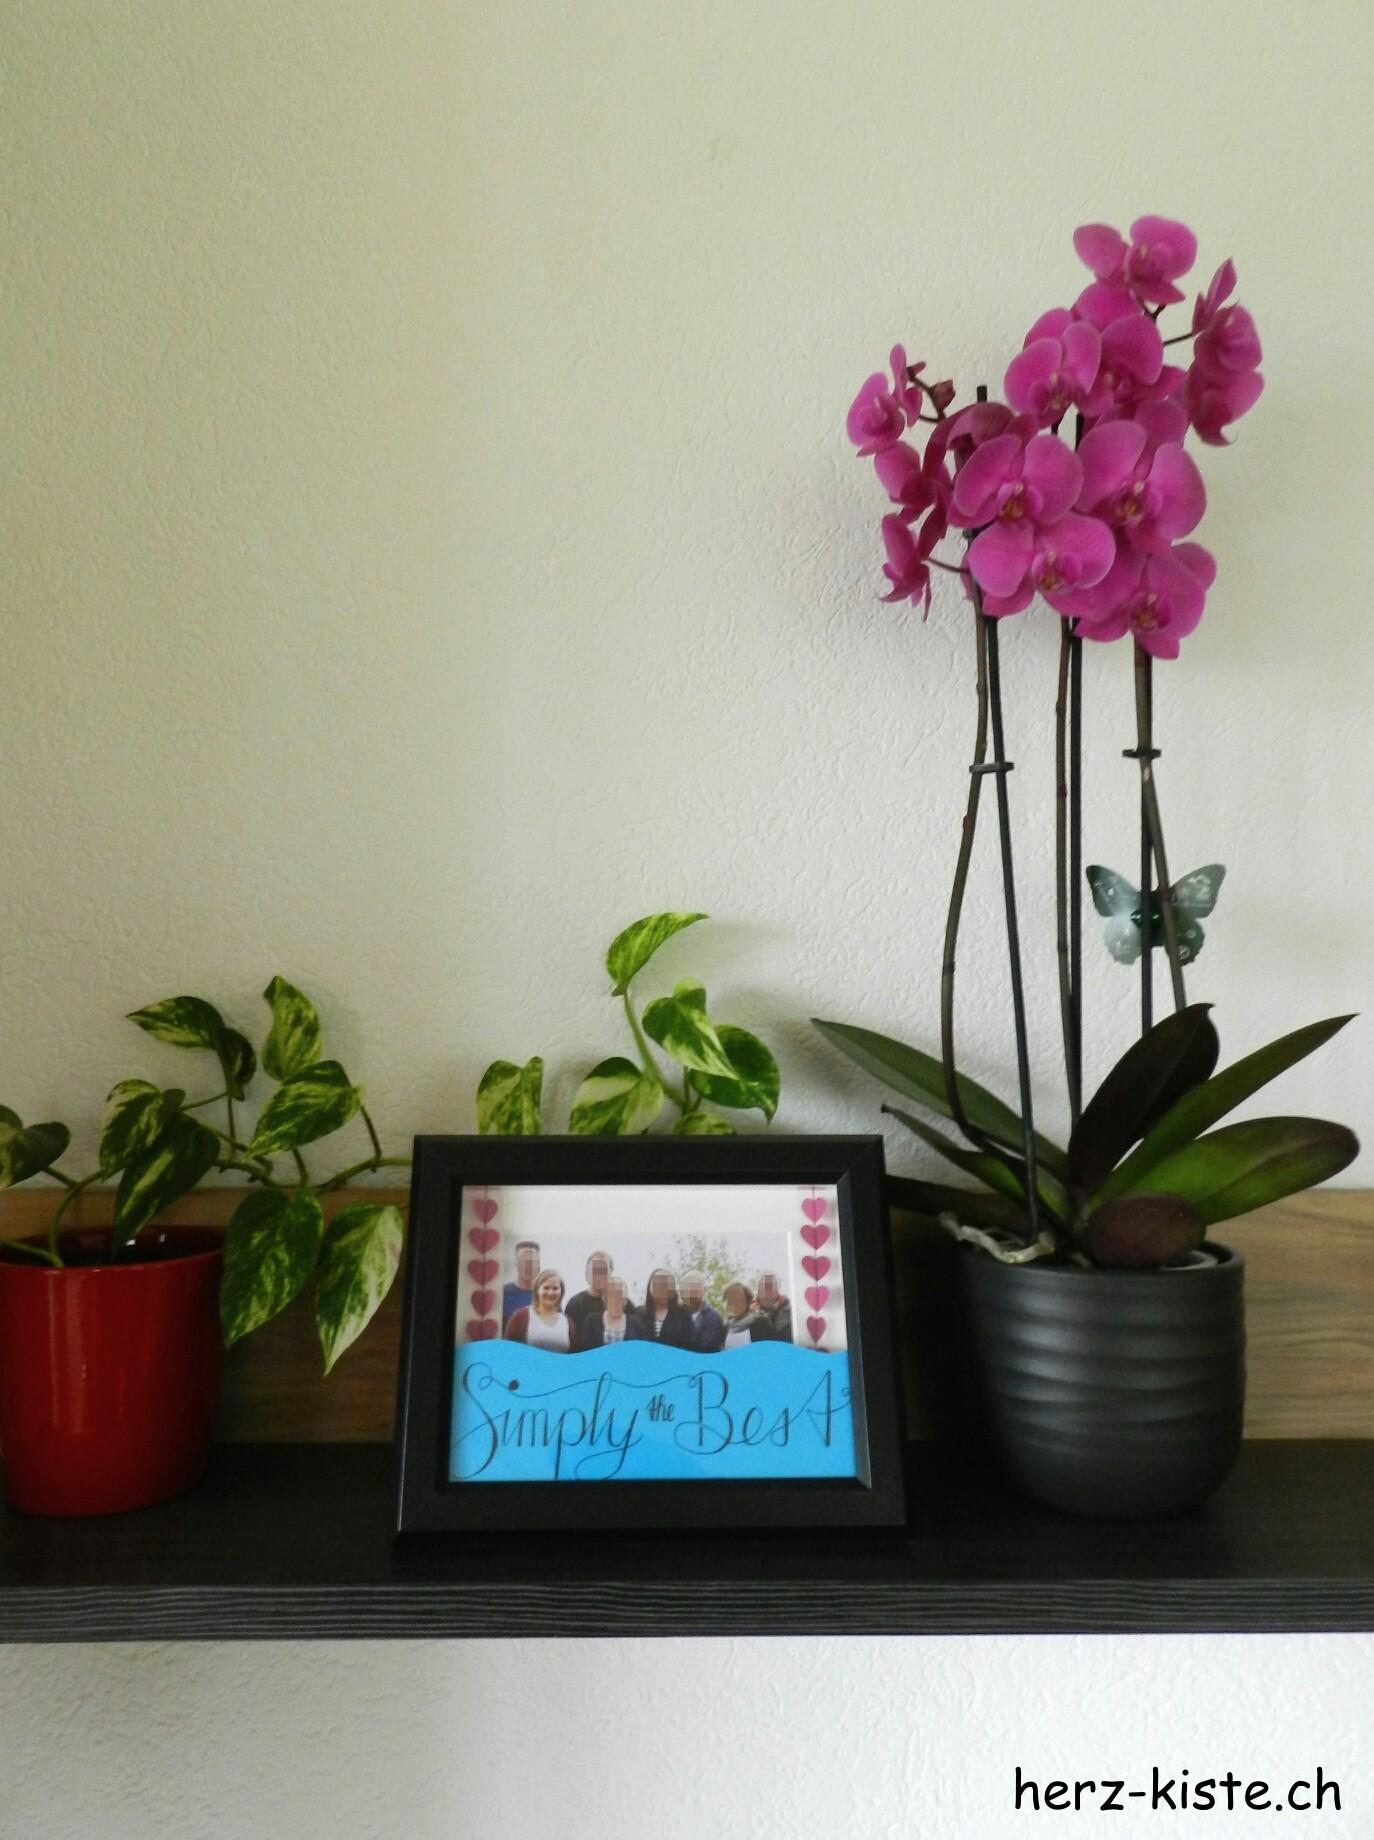 Geschenk zum Vatertag: mehrdimensionaler Bilderrahmen inklusive Handlettering